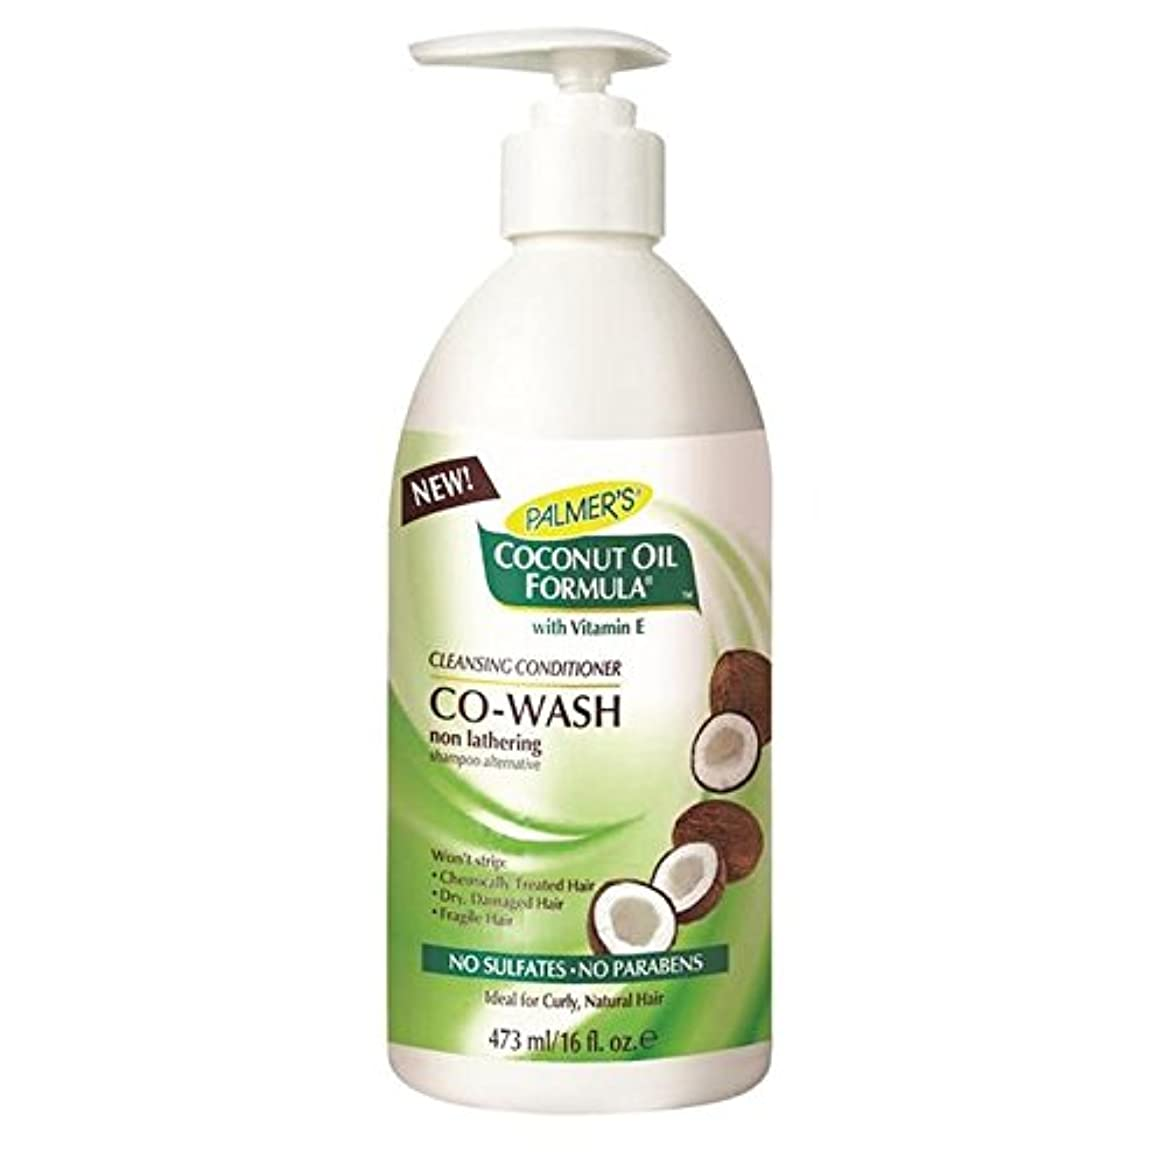 好色な型凶暴なパーマーのココナッツ式コウォッシュクレンジングコンディショナー、シャンプー代替473ミリリットル x2 - Palmer's Coconut Formula Co-Wash Cleansing Conditioner, Shampoo Alternative 473ml (Pack of 2) [並行輸入品]